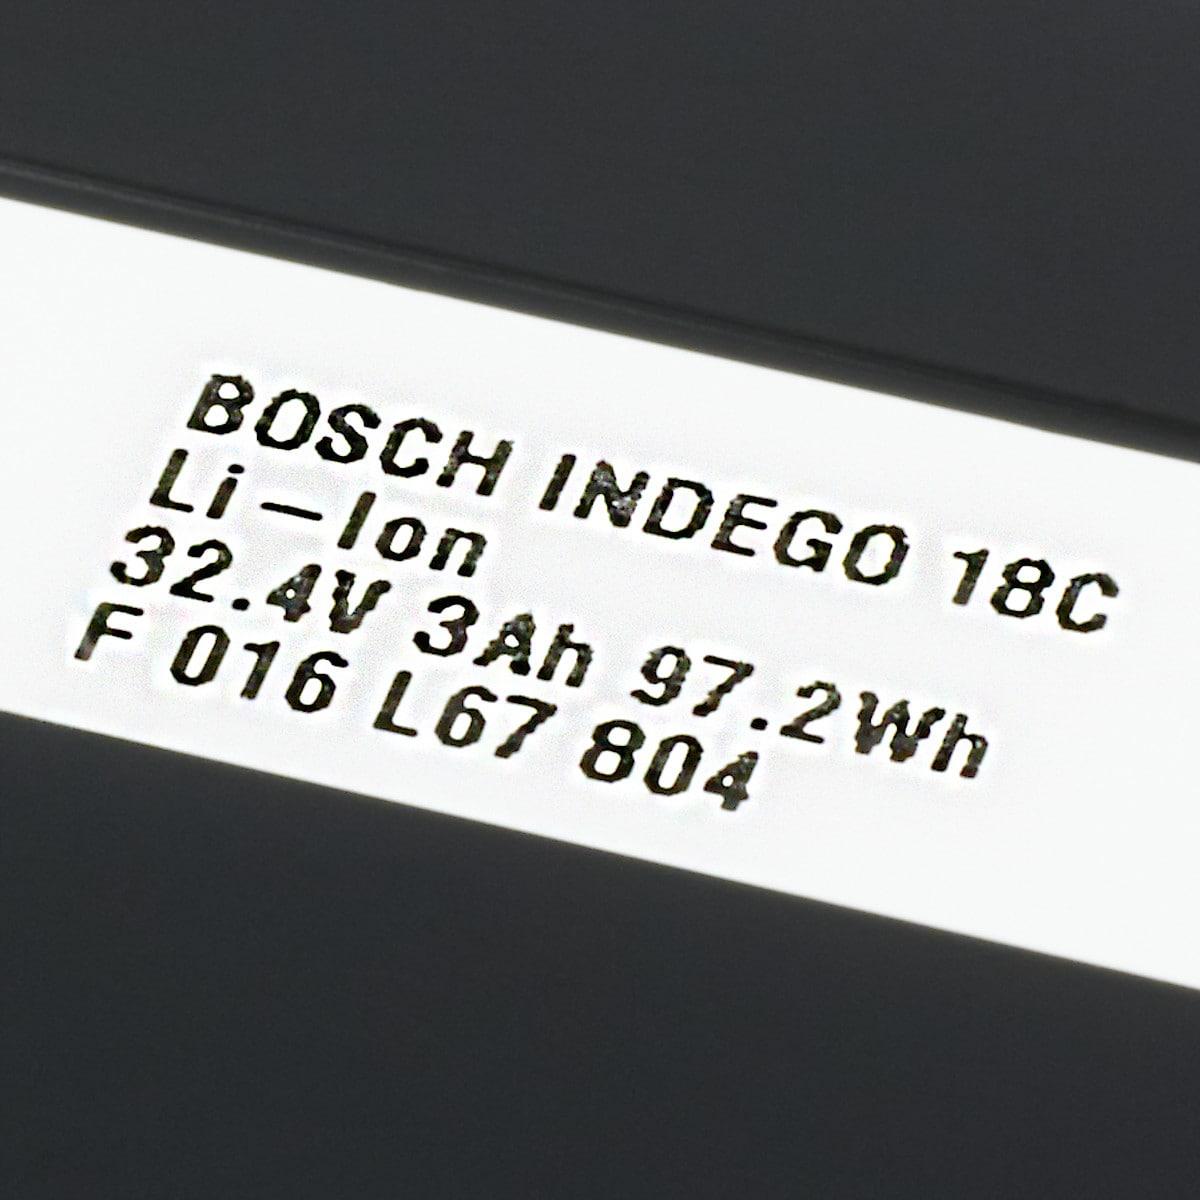 Batteri Bosch Indego